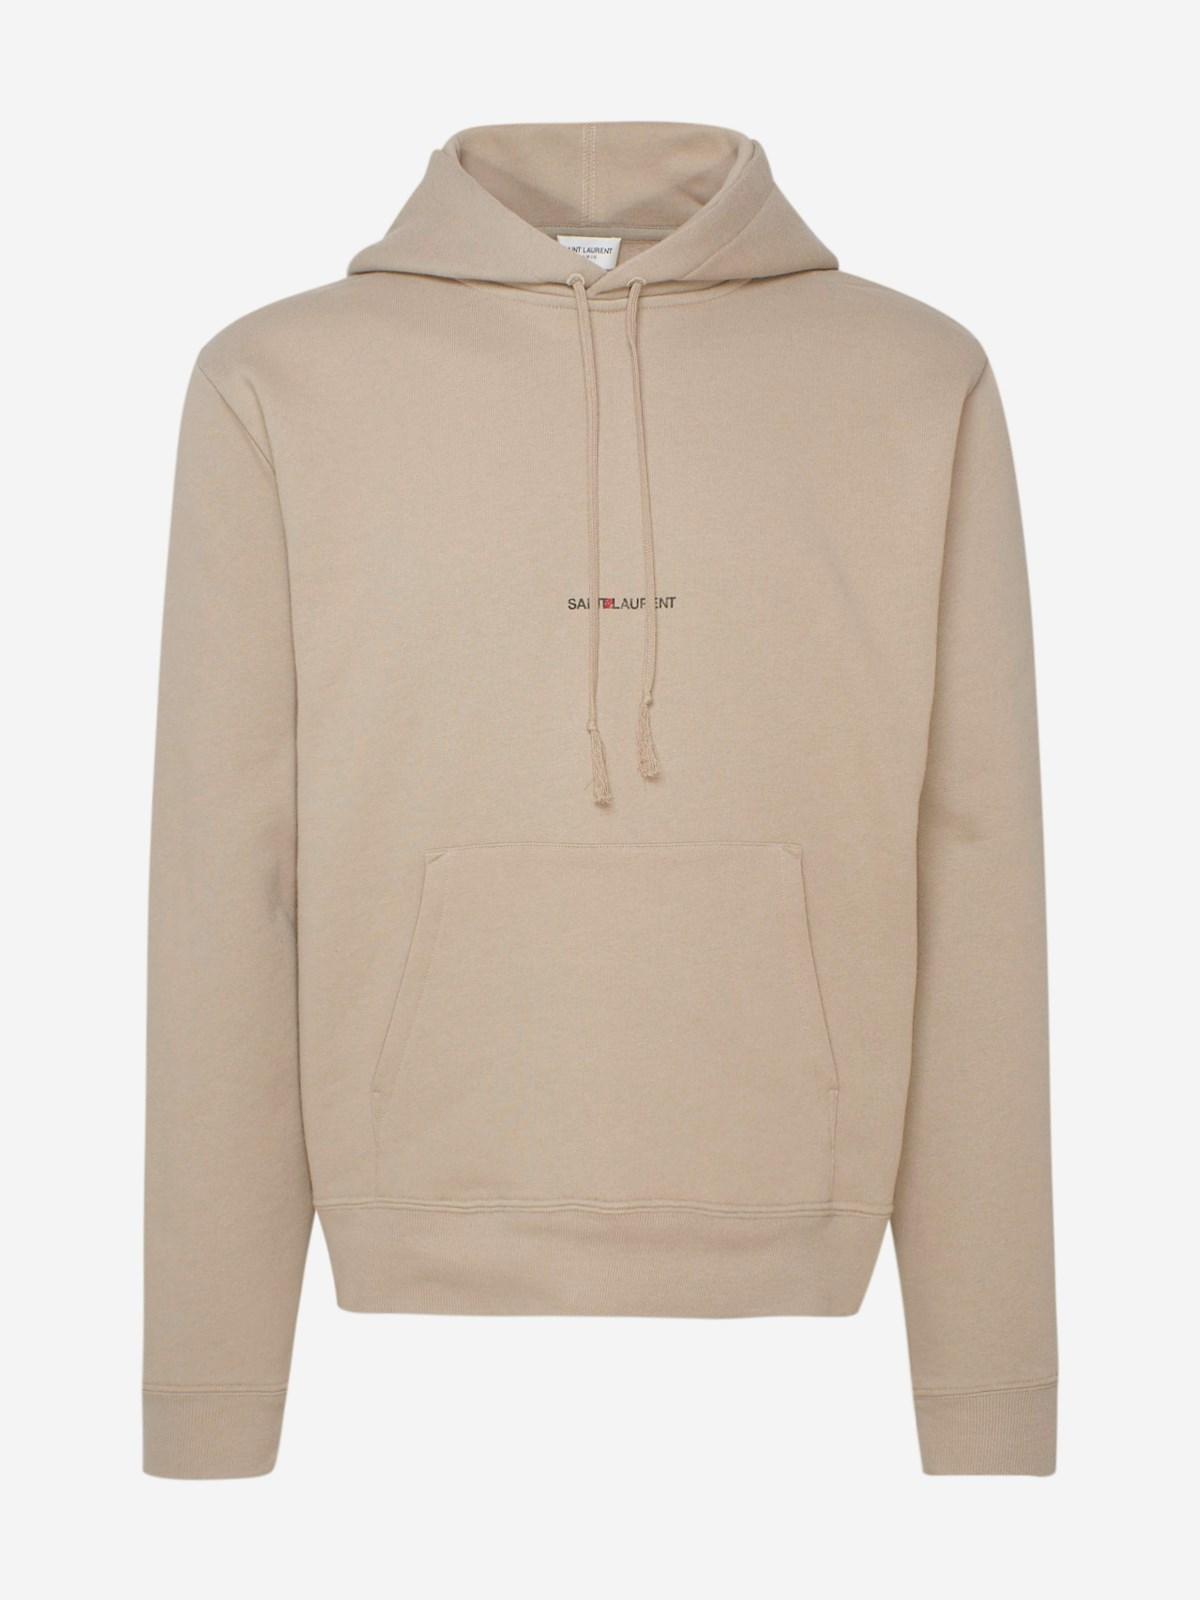 Saint Laurent Clothing BEIGE SWEATSHIRT